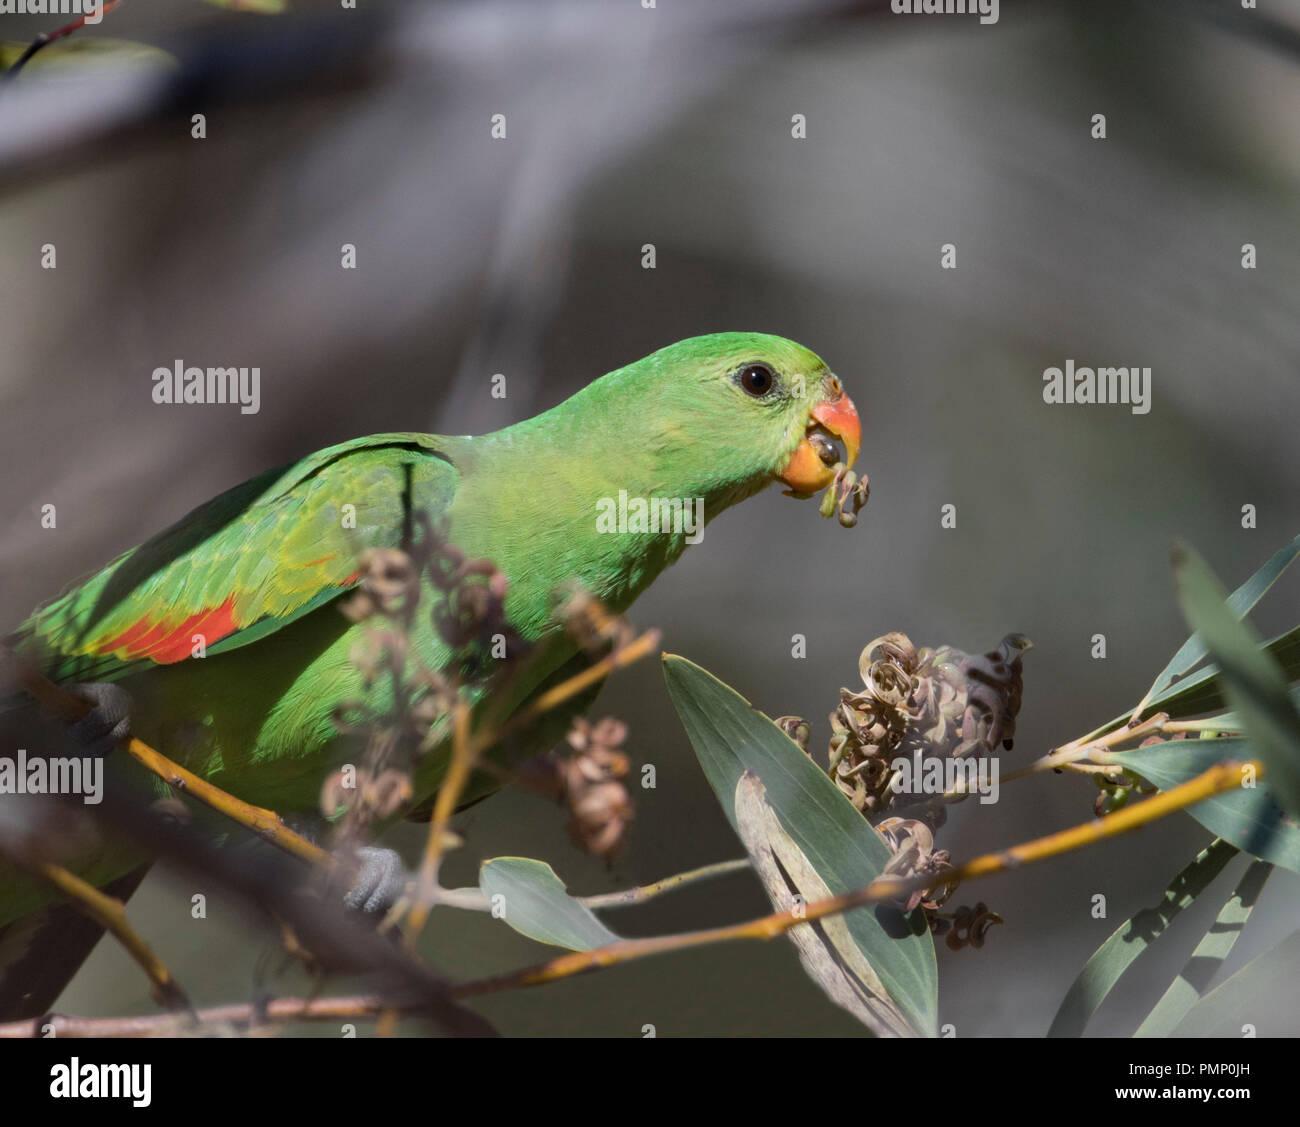 Red-winged Parrot ou Crimson-winged Parrot (Aprosmictus erythropterus) se nourrissant d'un buisson avec des graines dans son bec, Emu Creek, près de Petford, North Queens Banque D'Images